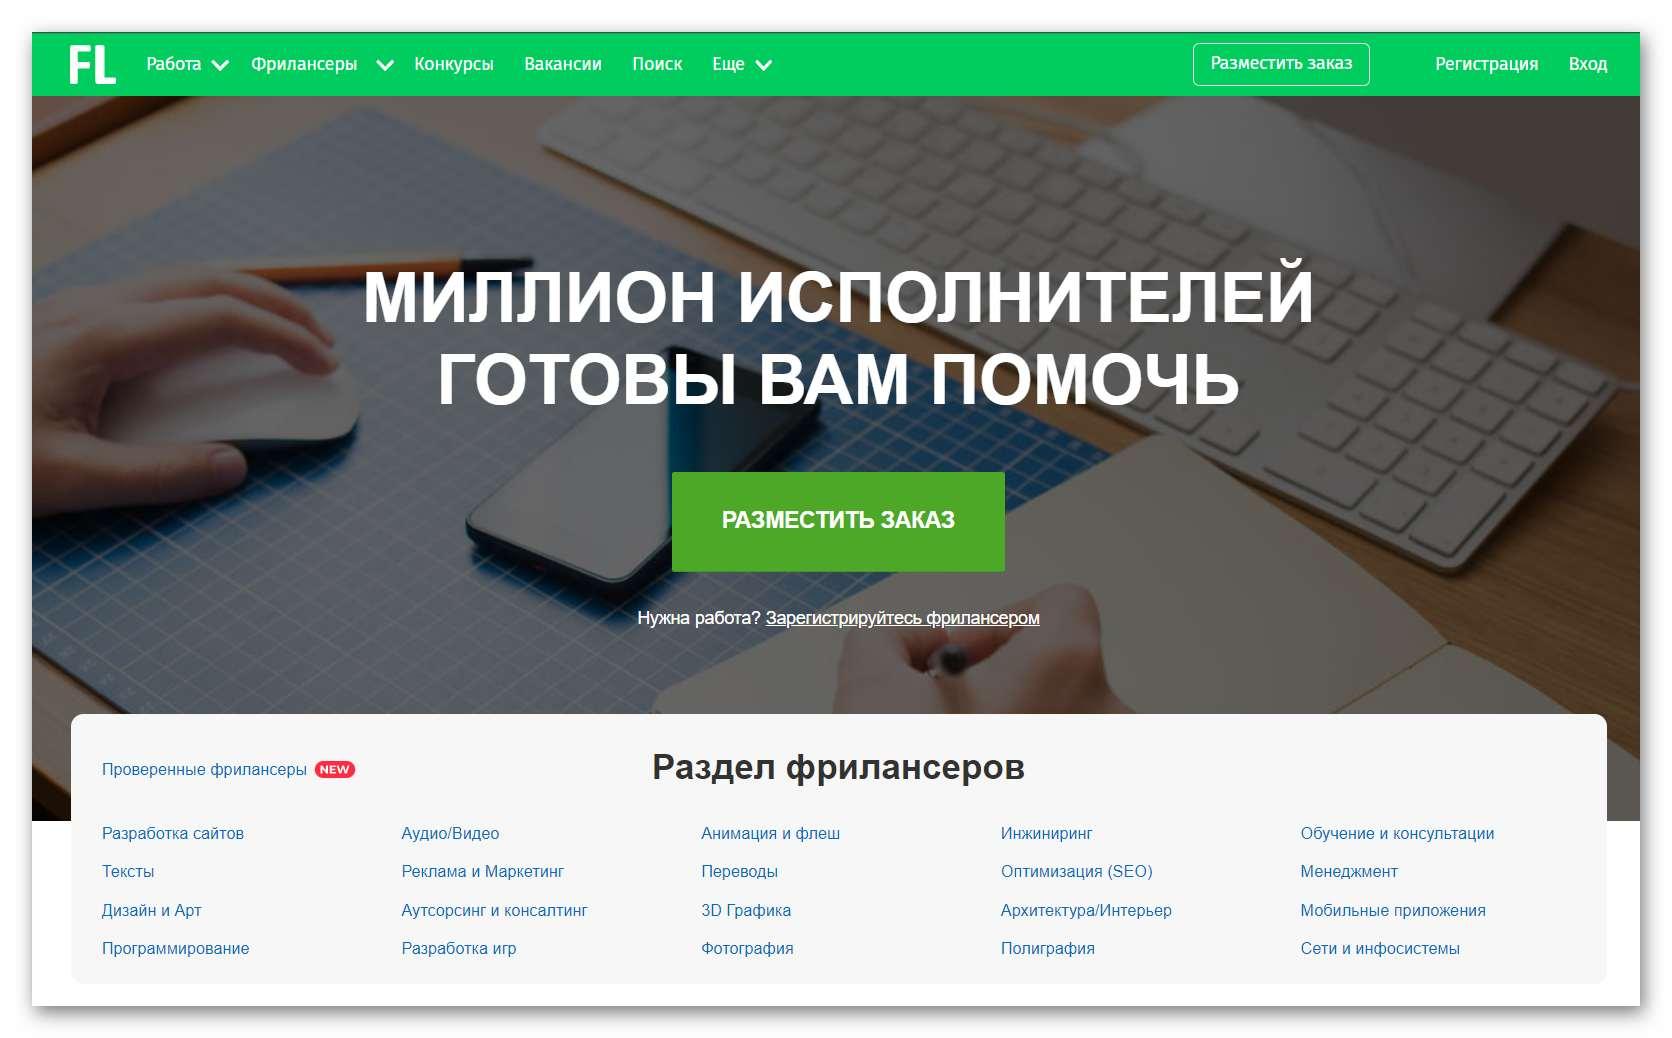 Fl.ru крупнейшая платформа для фрилансеров в РФ